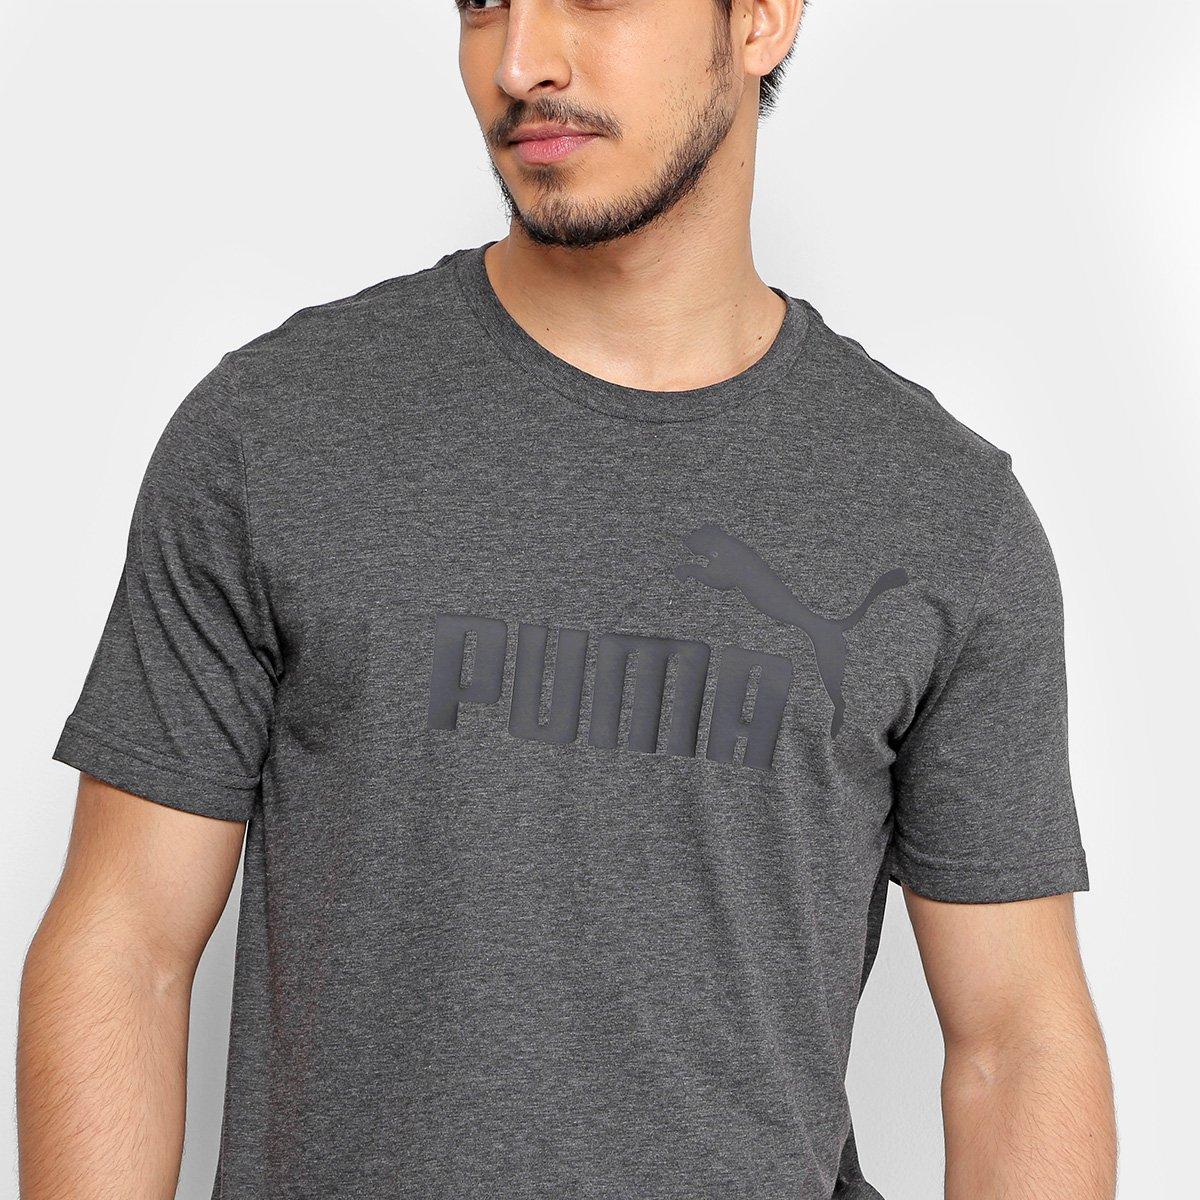 a6a7c59669 Camiseta Puma Heather Masculina - Cinza - Compre Agora